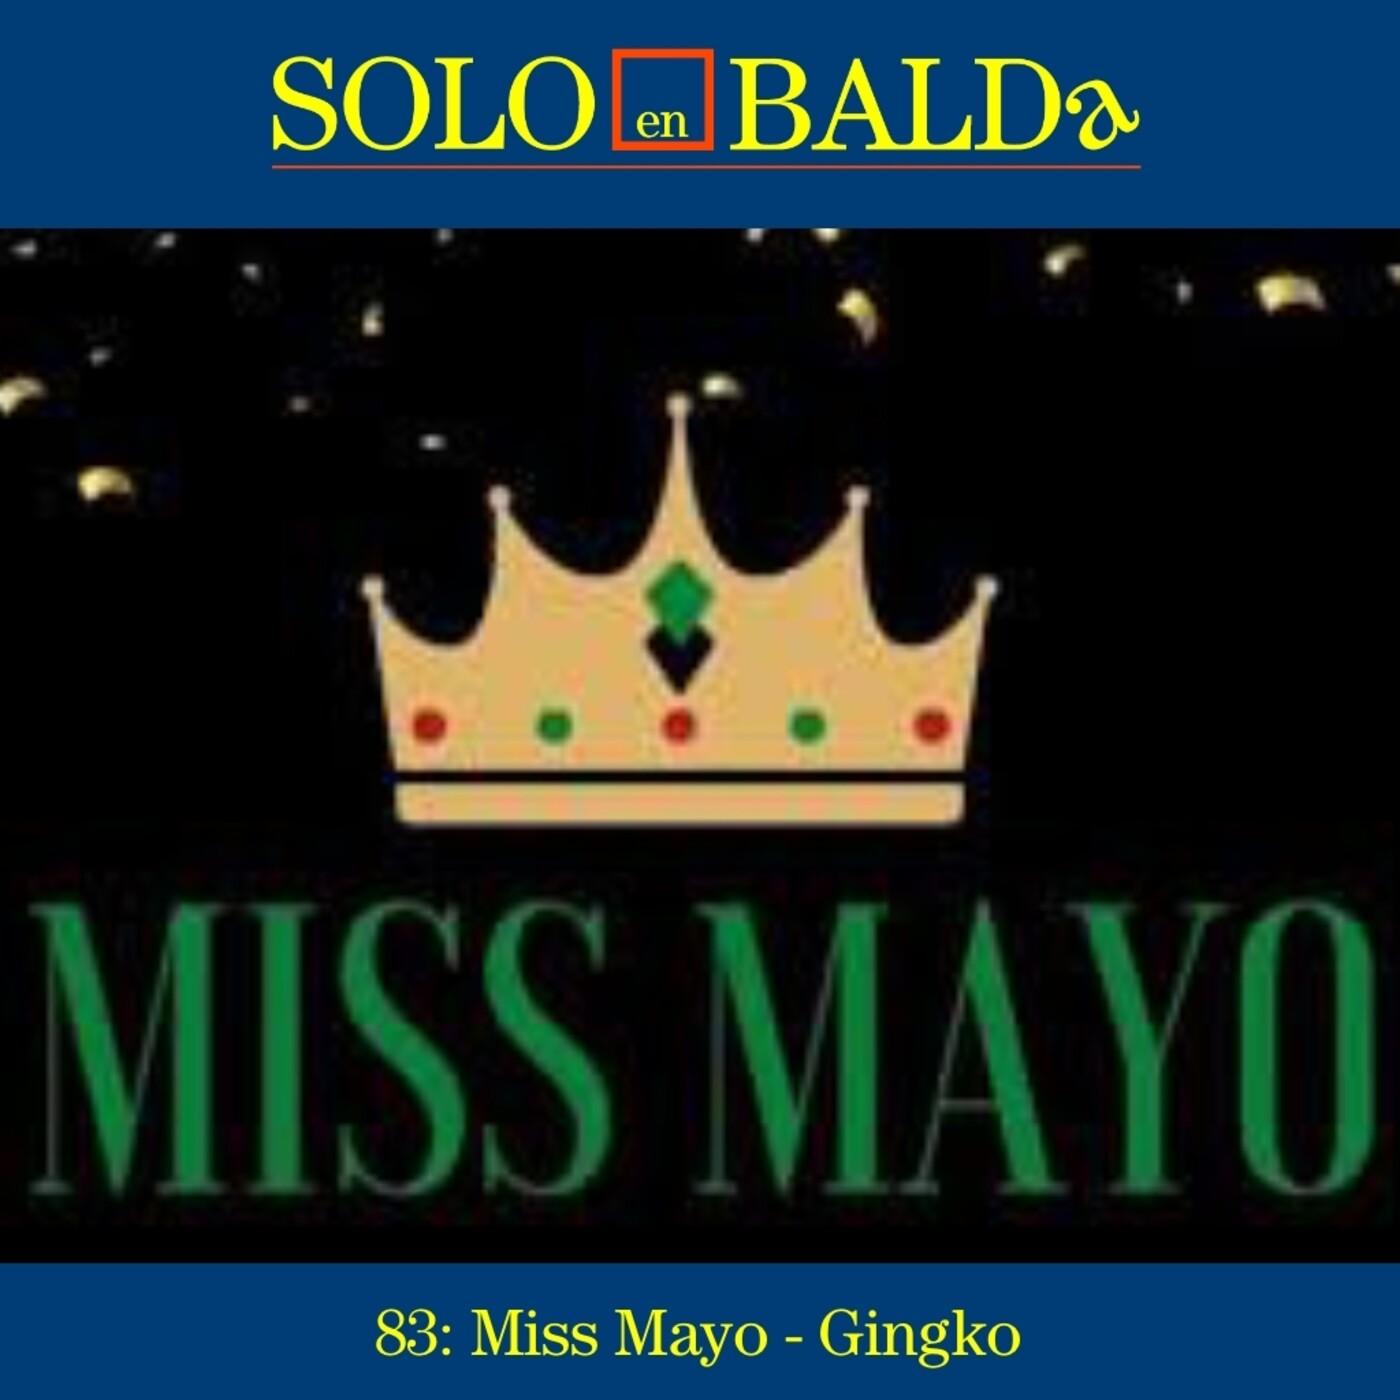 83: Miss Mayo - Gingko